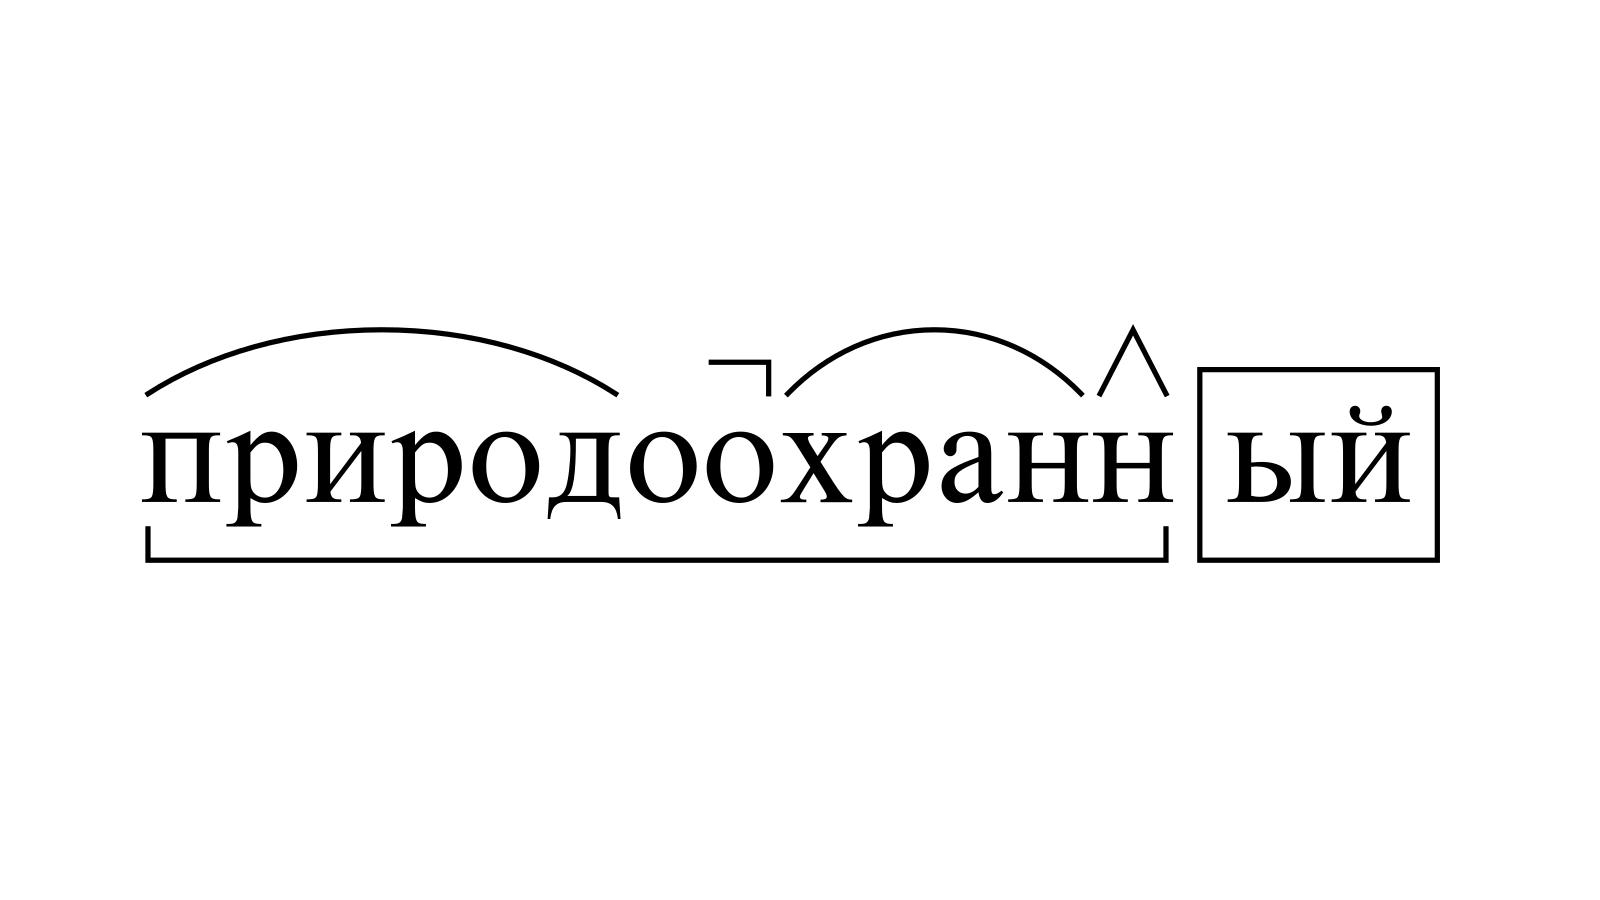 Разбор слова «природоохранный» по составу